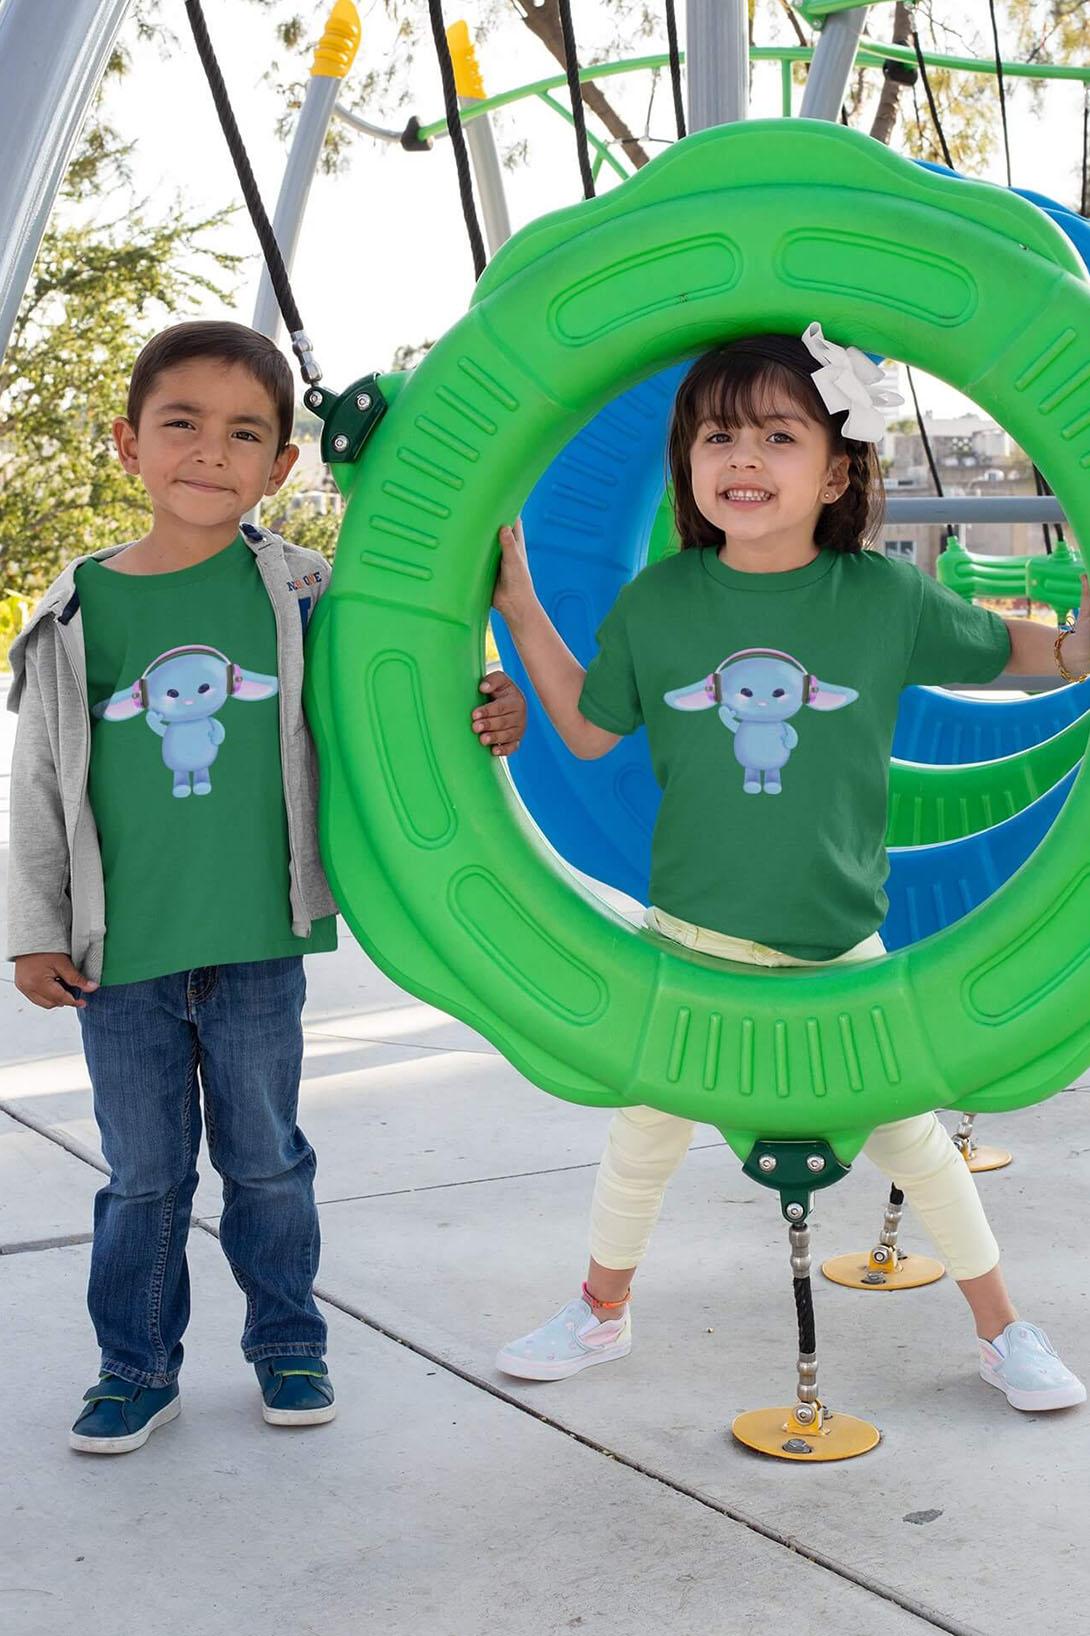 MMO Detské tričko Zajac so slúchadlami Vyberte farbu:: Malinová, Detská veľkosť: 122/6 rokov